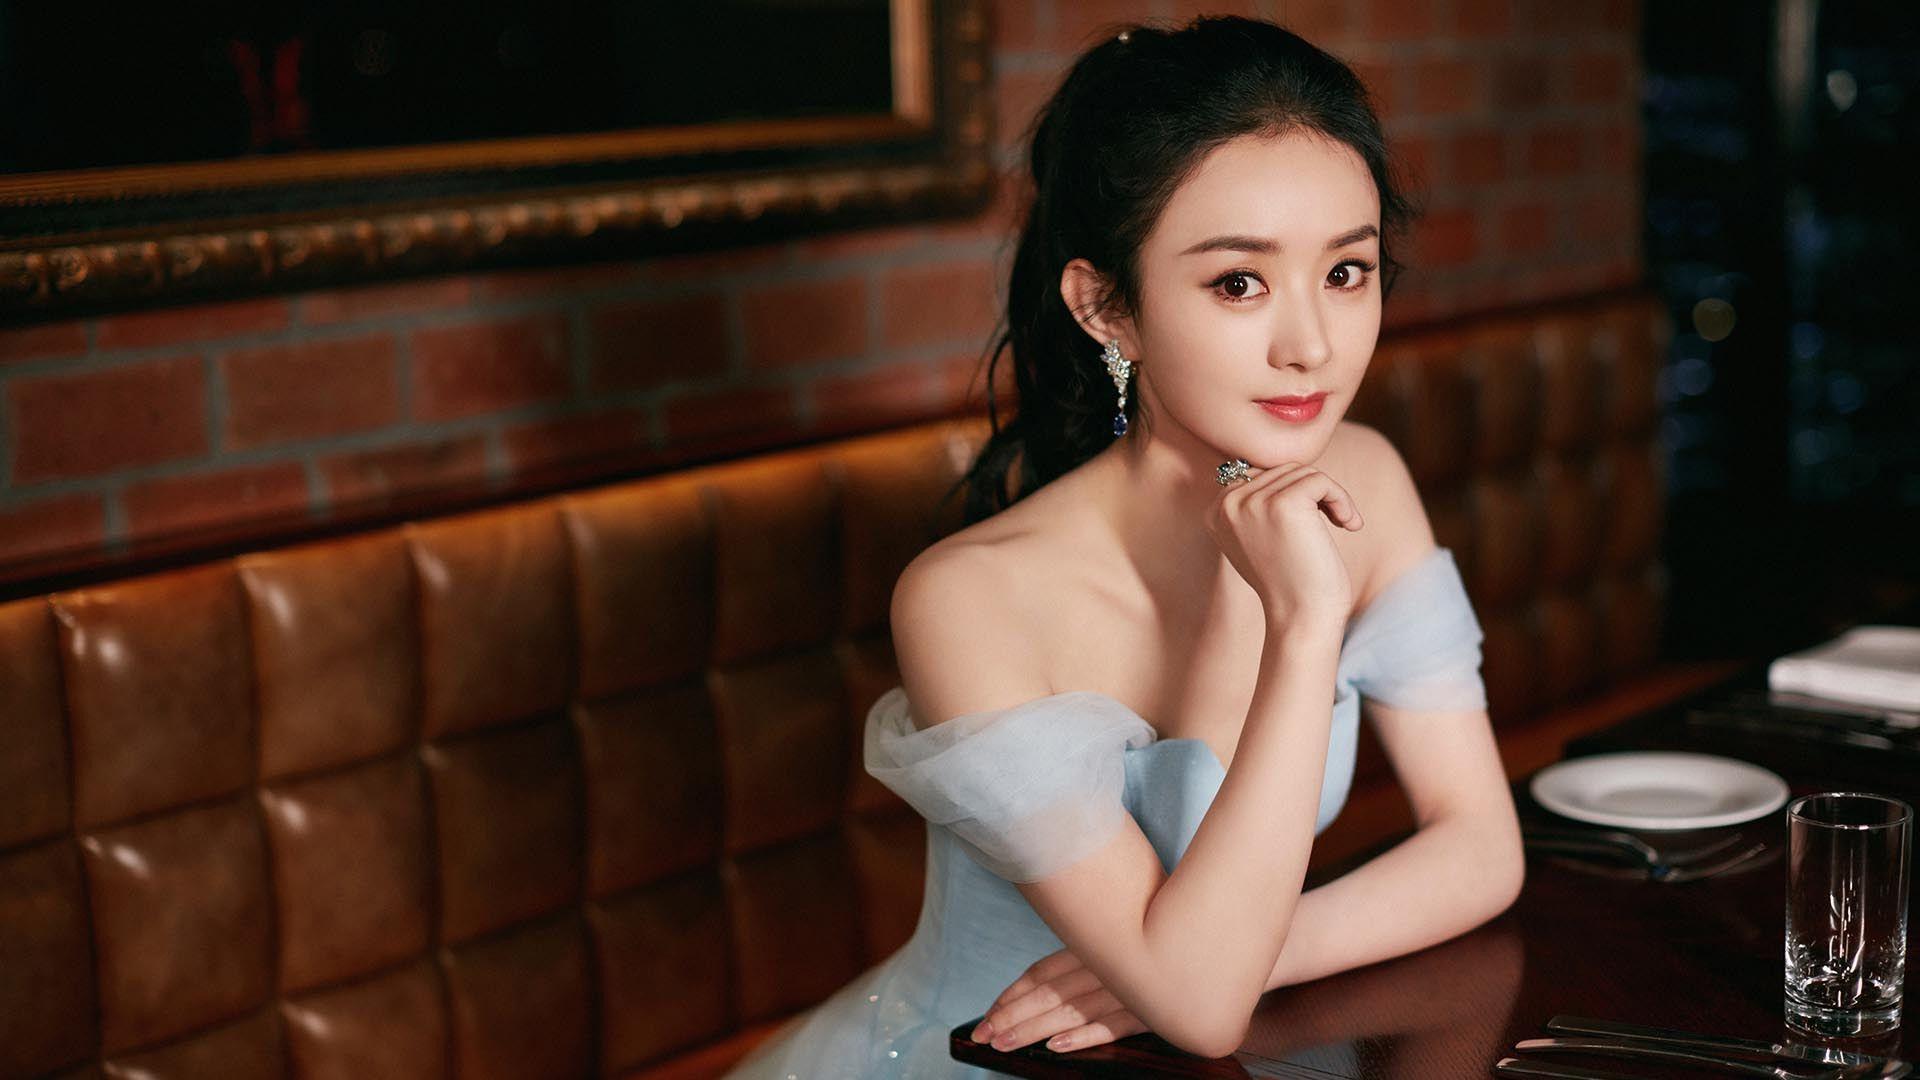 2020.7.27最新娱乐资讯:赵丽颖、吴亦凡、白宇、孙俪、王嘉尔